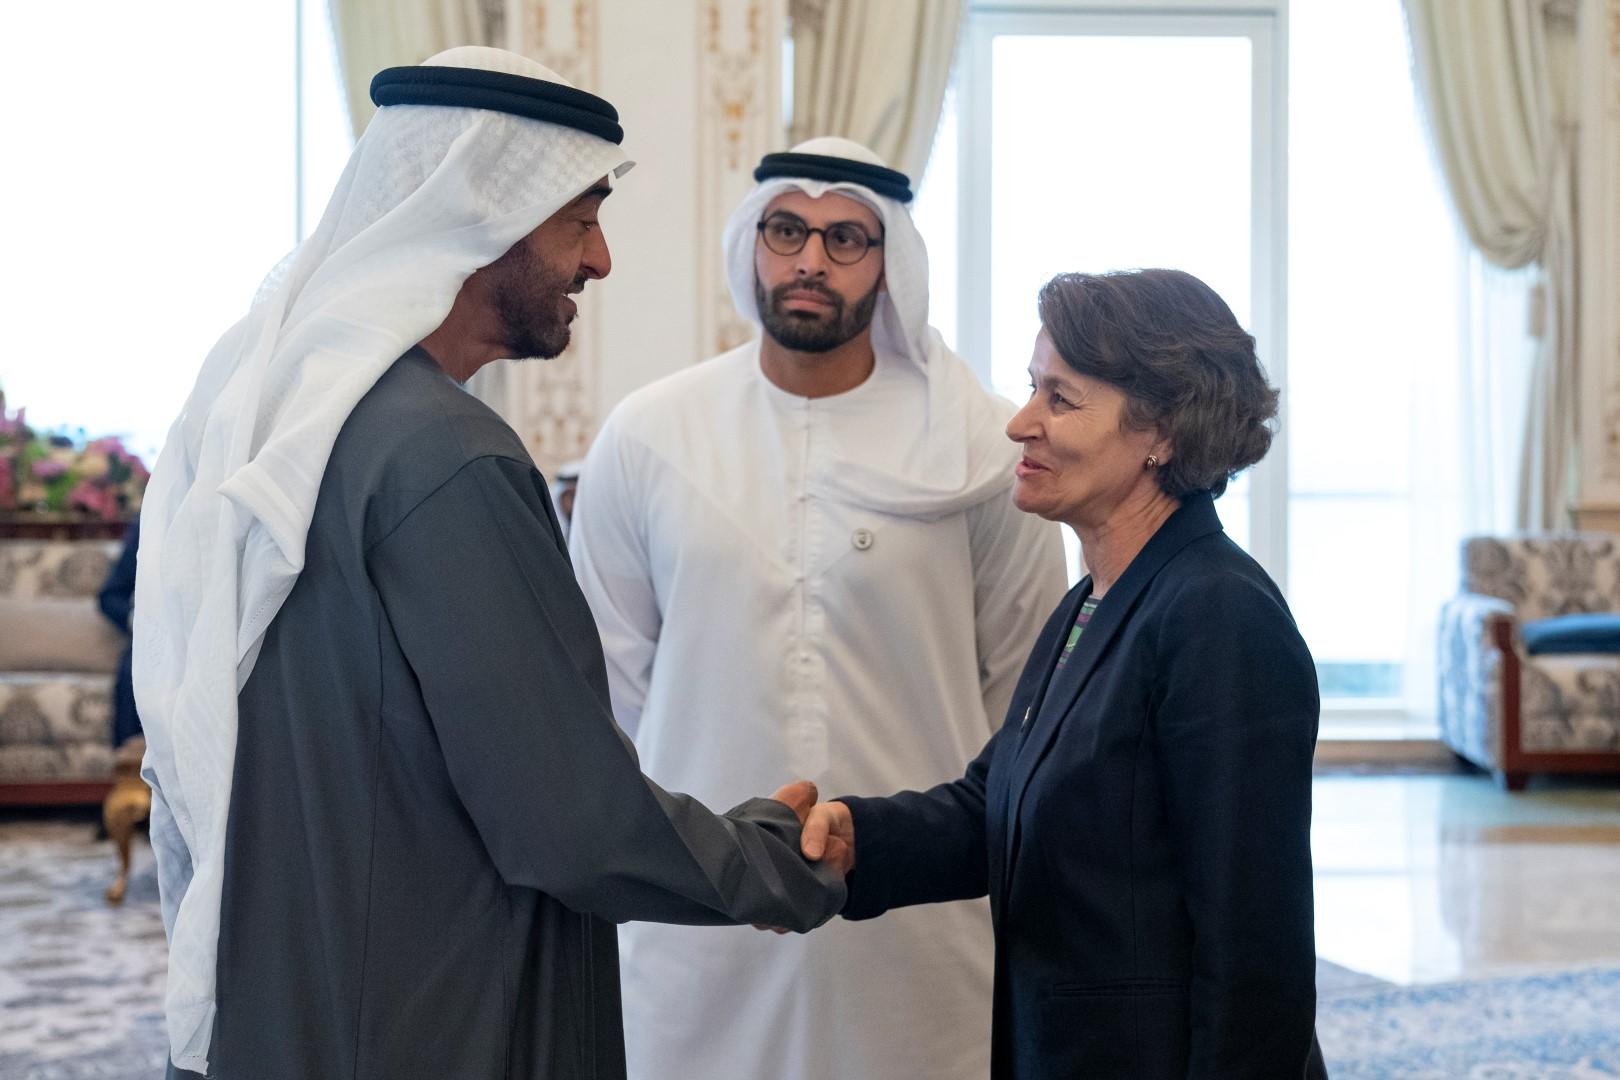 محمد بن زايد يستقبل أعضاء اللجنة العليا لتحقيق أهداف وثيقة الأخوة الإنسانية